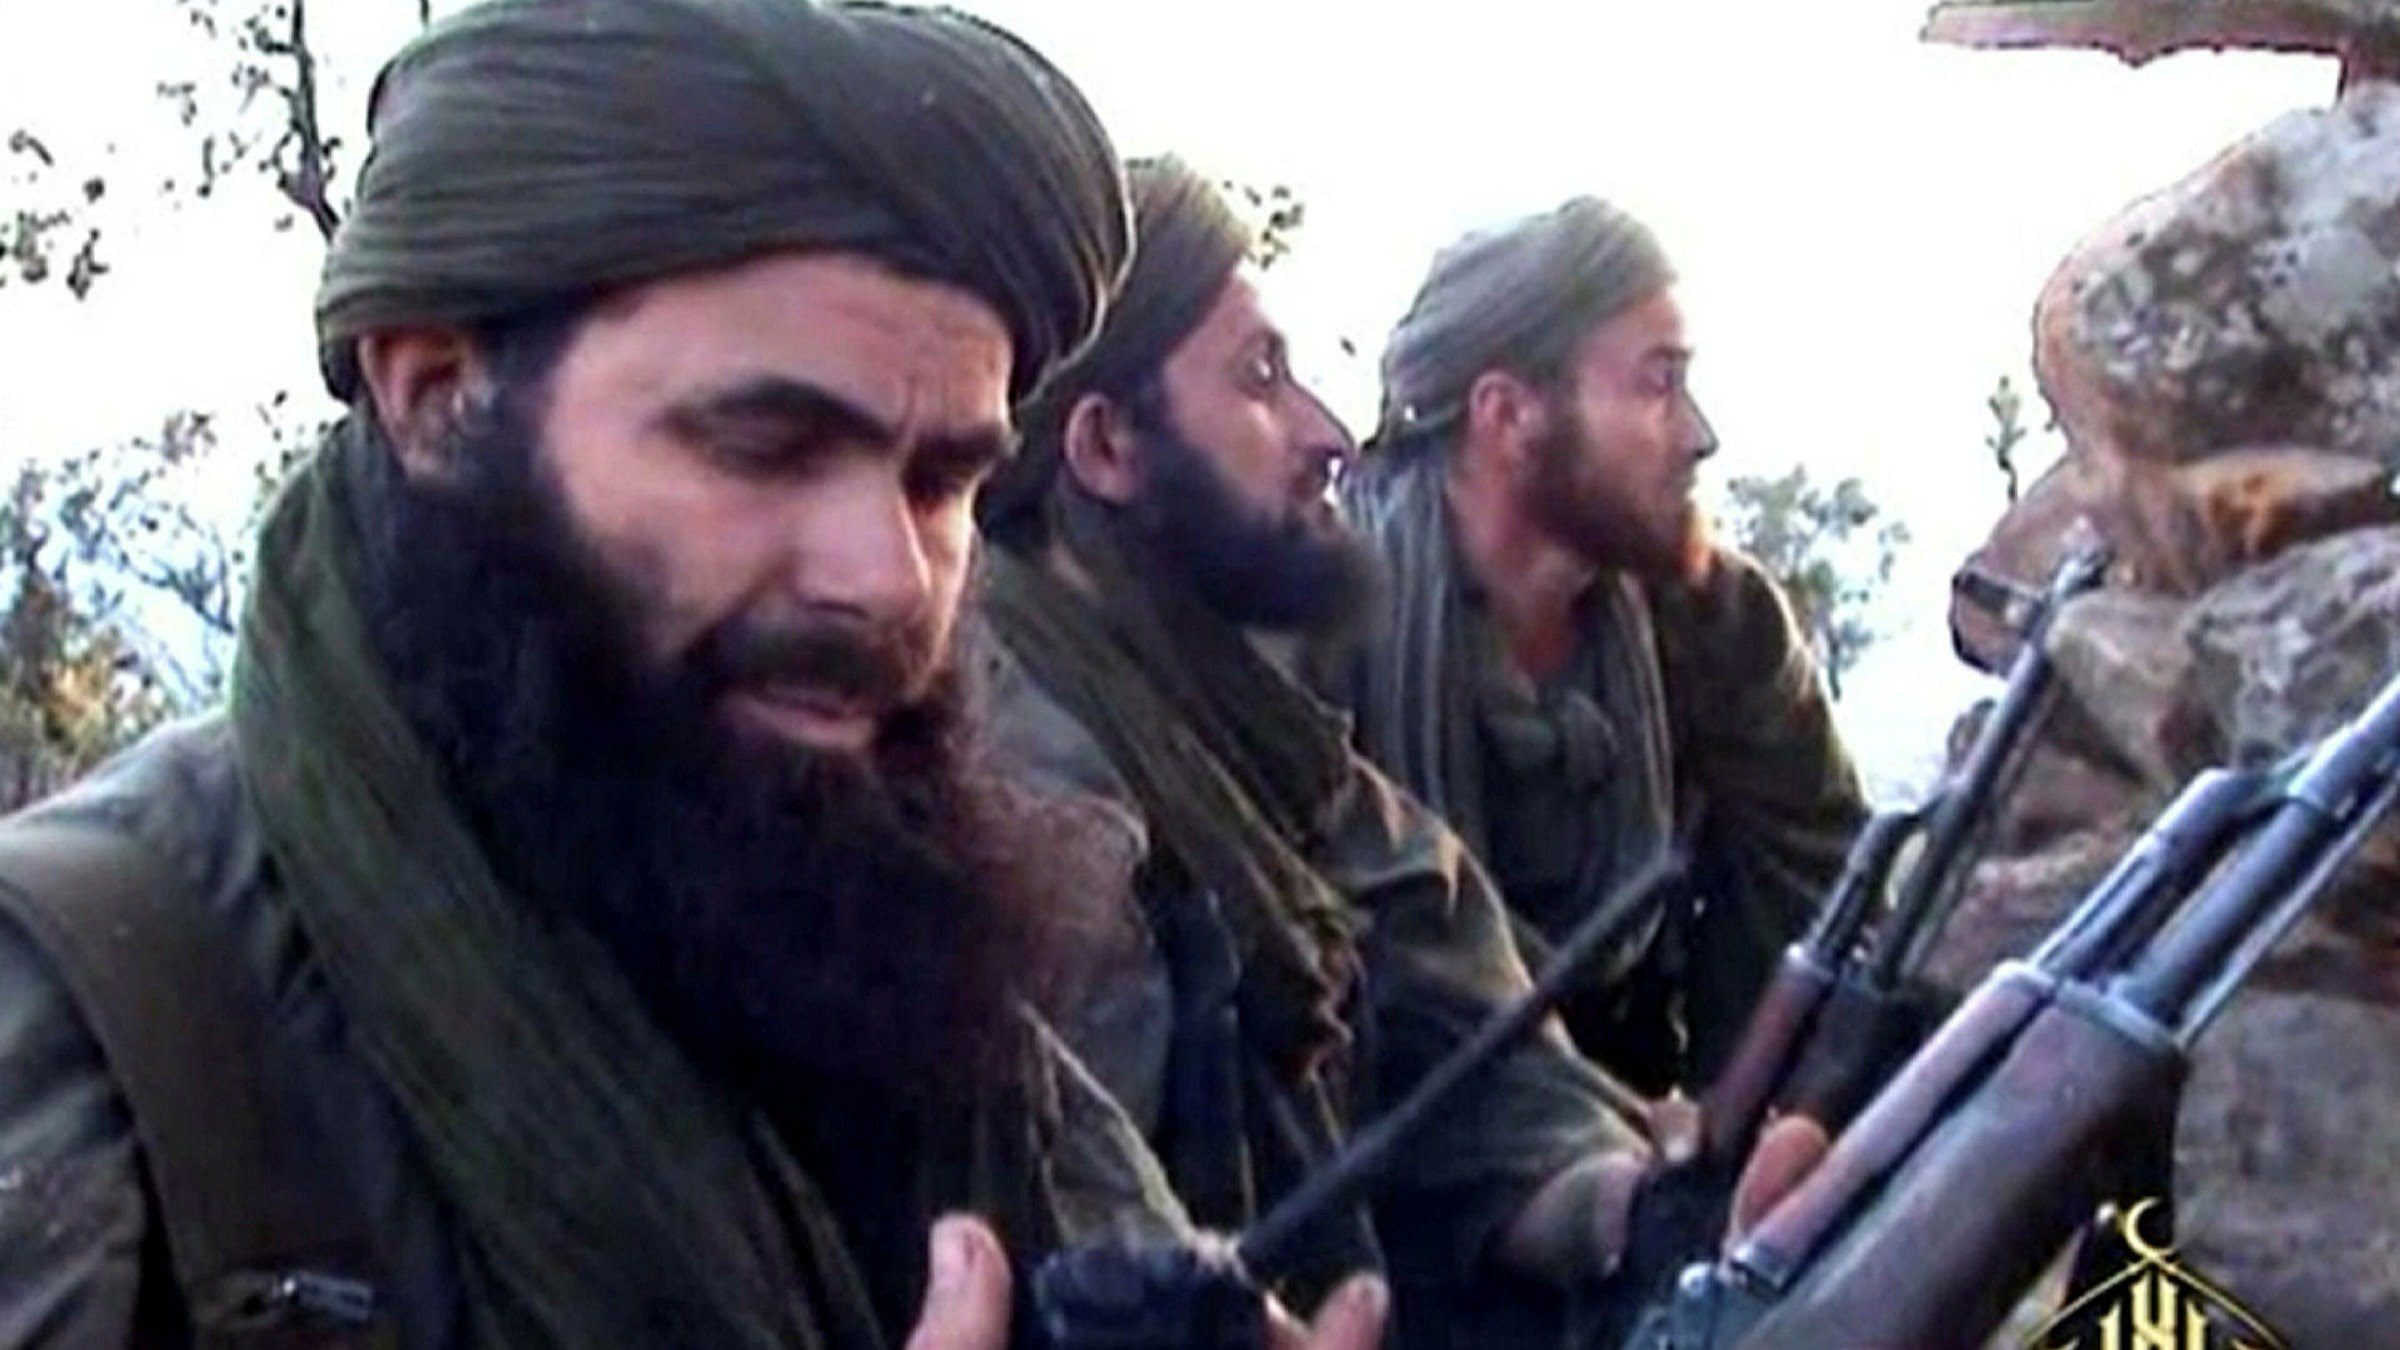 Γαλλικές δυνάμεις σκότωσαν στρατιωτικό αρχηγό της αλ Κάιντα στο Μαλί